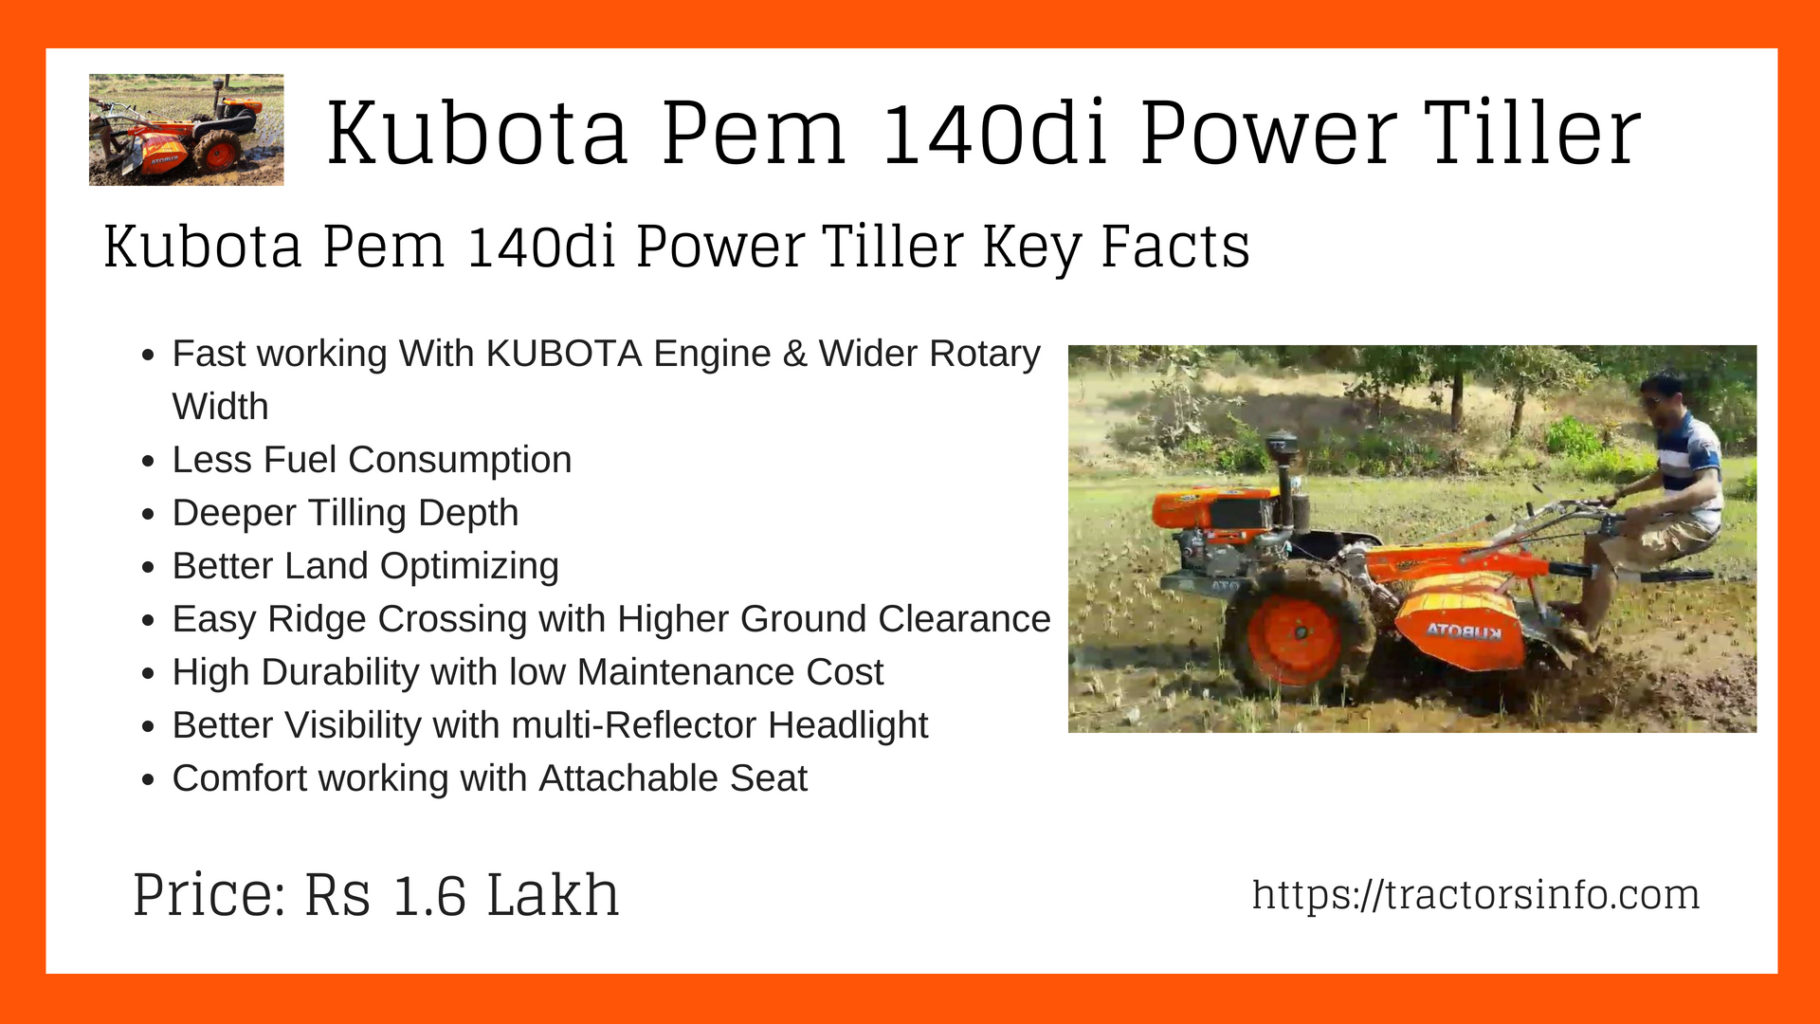 Kubota Pem 140di Power Tiller